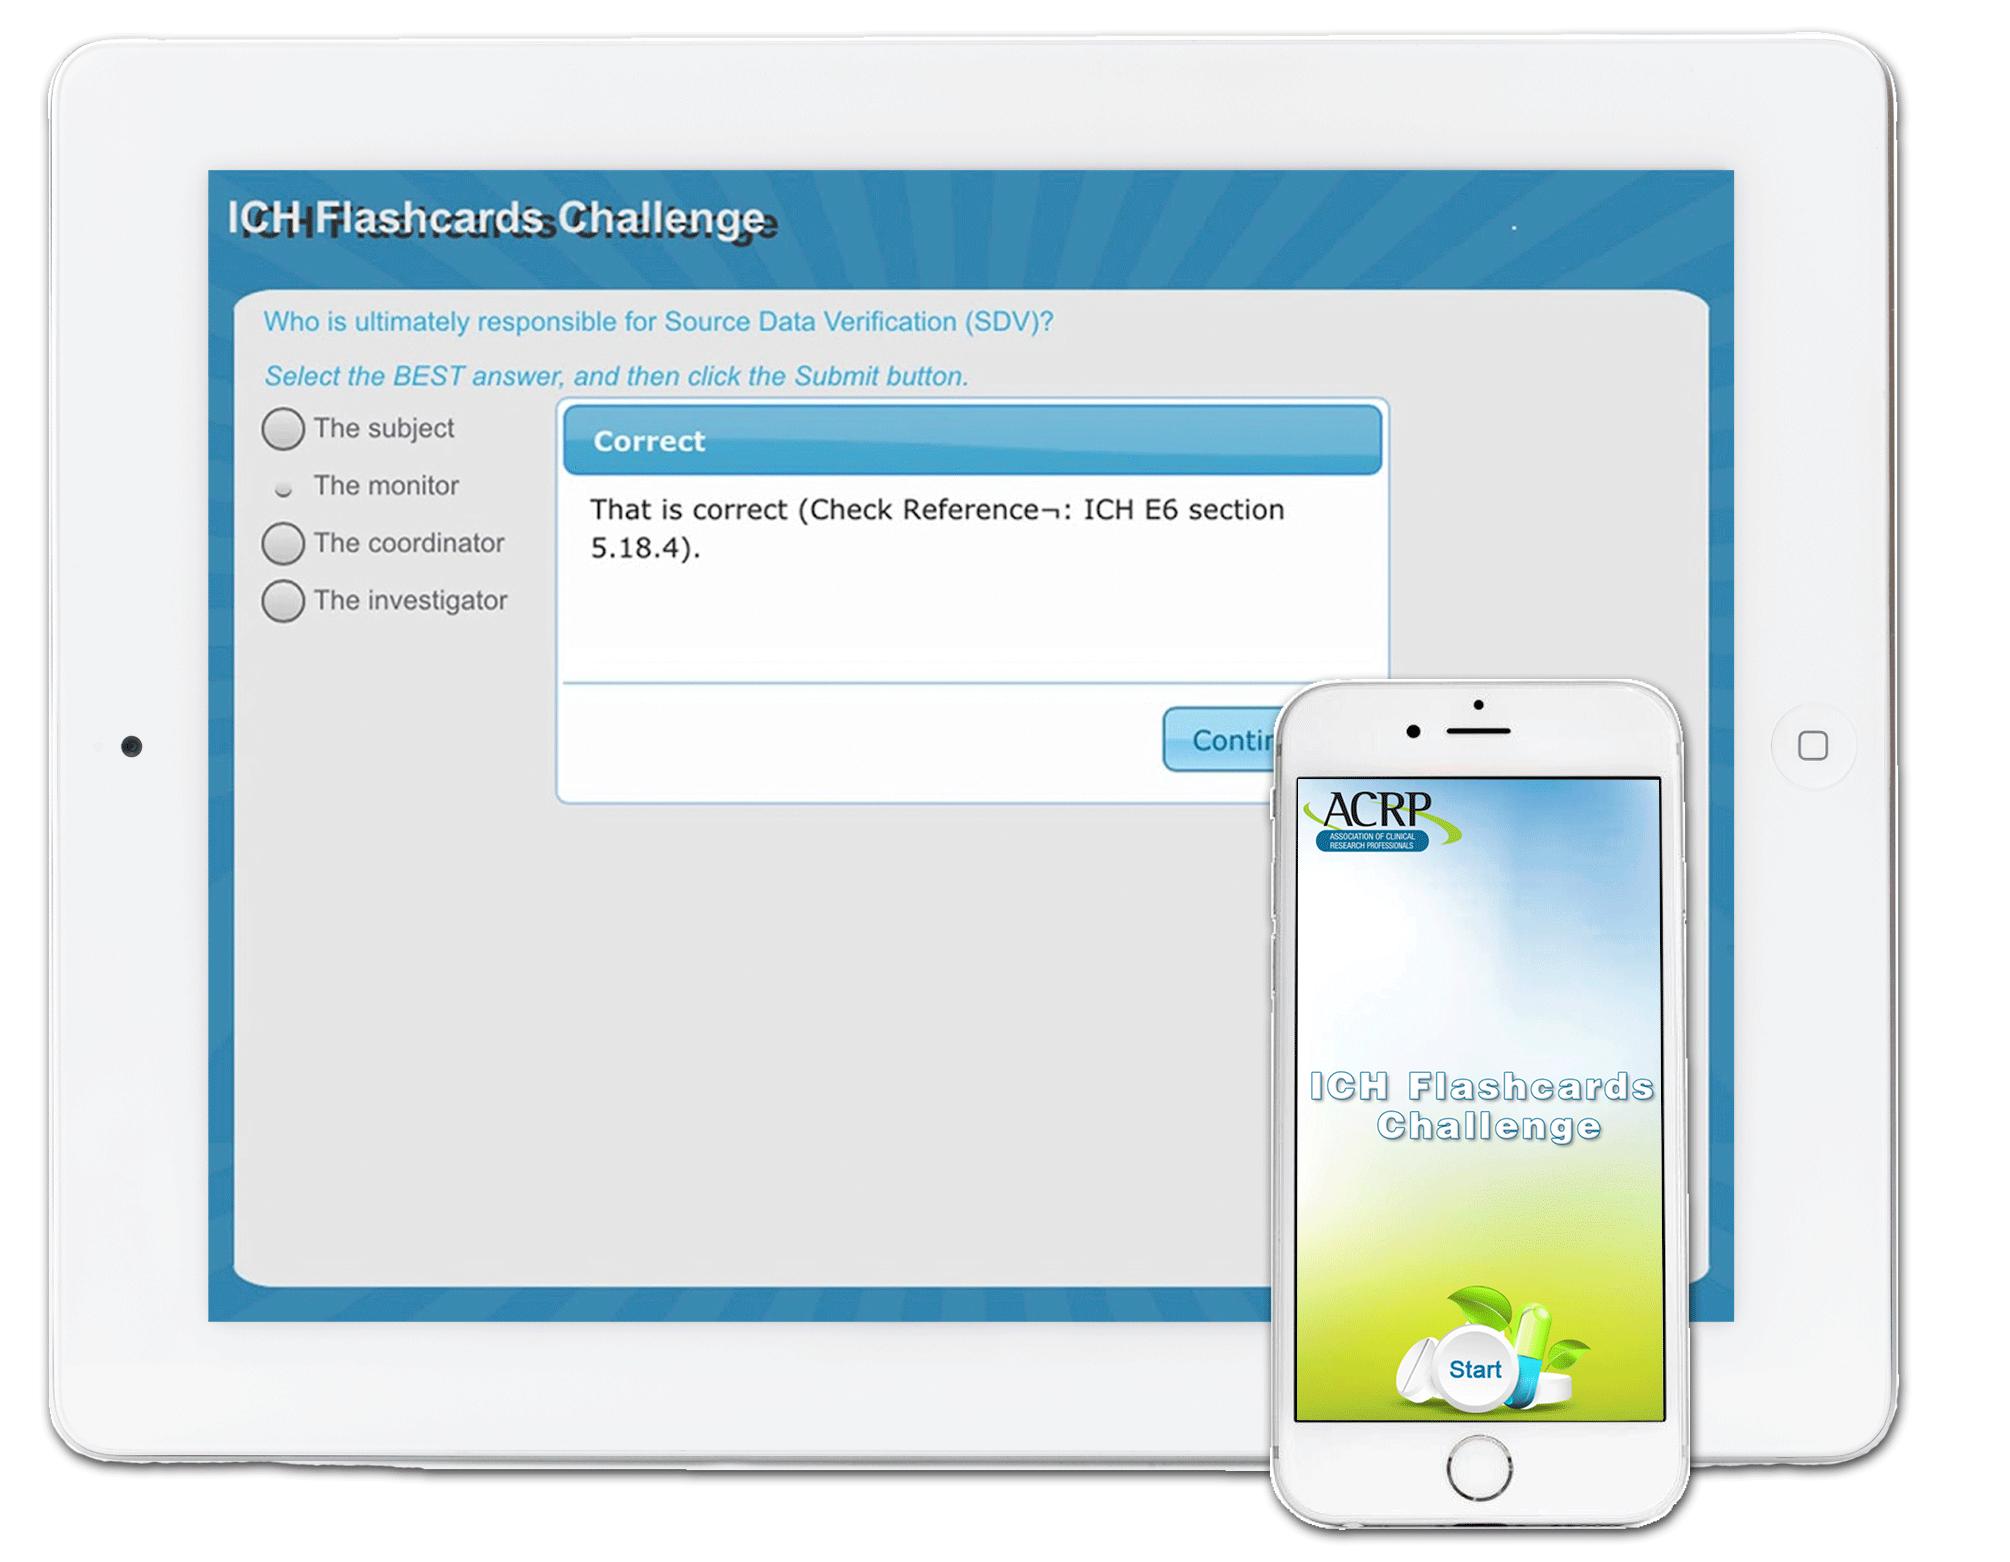 ICH Flashcards Challenge App